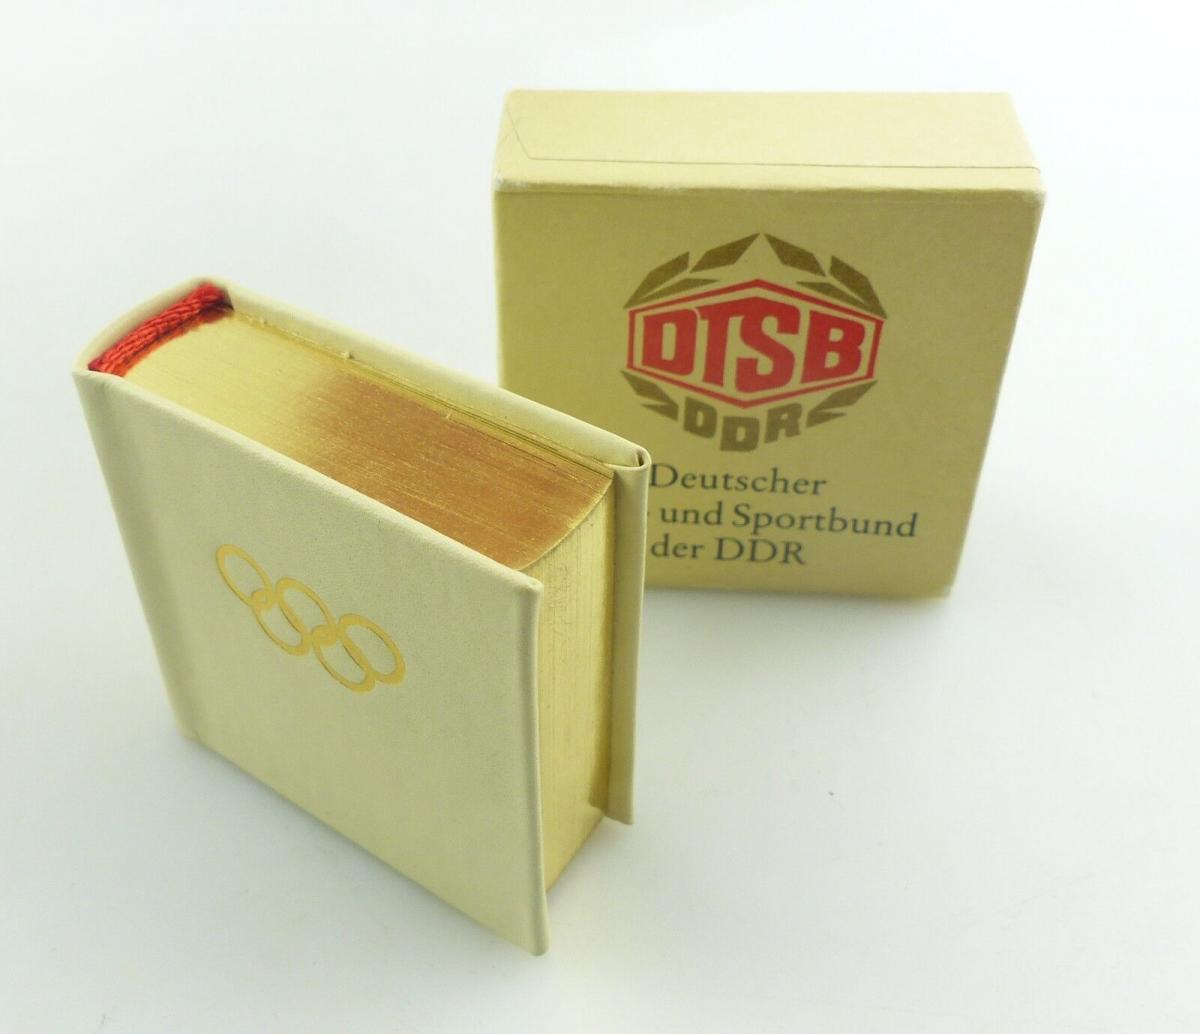 E9322 Nummeriertes Minibuch DTSB mit Vollgoldschnitt Olympische Spiele DDR